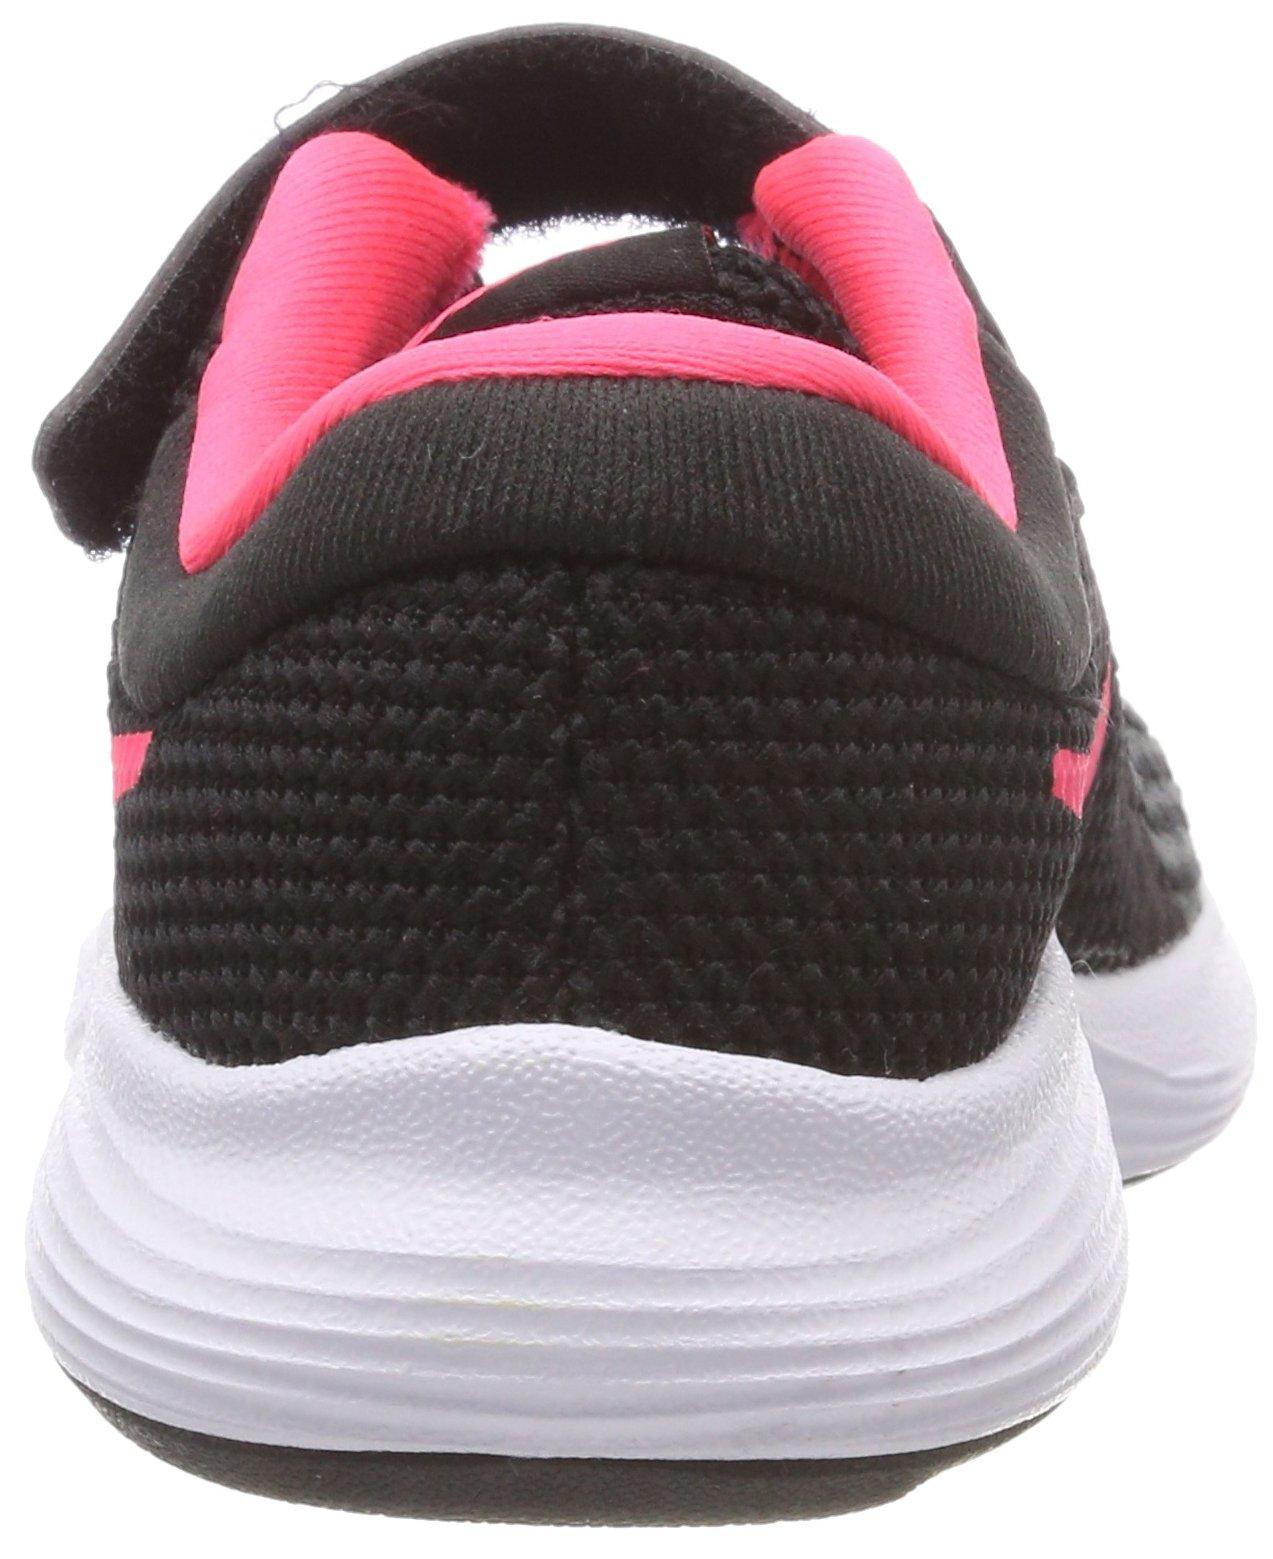 Nike Girls' Revolution 4 (PSV) Running Shoe, Black/Racer Pink - White, 11.5C Regular US Little Kid by Nike (Image #2)